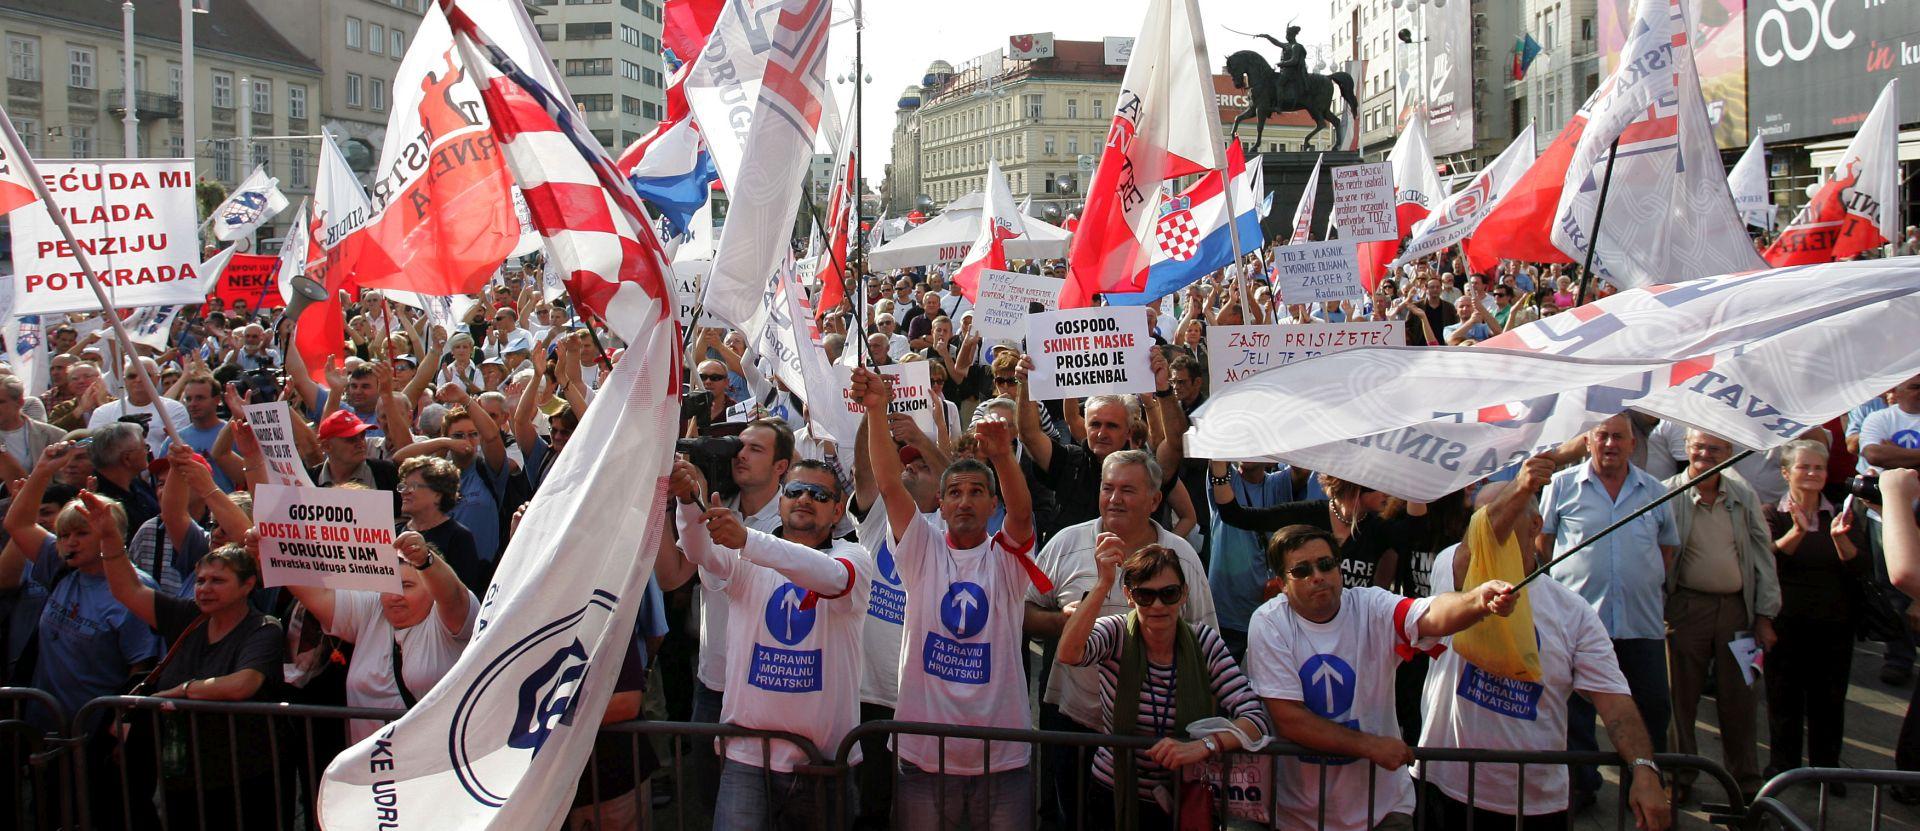 PRAZNIK RADA Prosvjedna povorka u Zagrebu